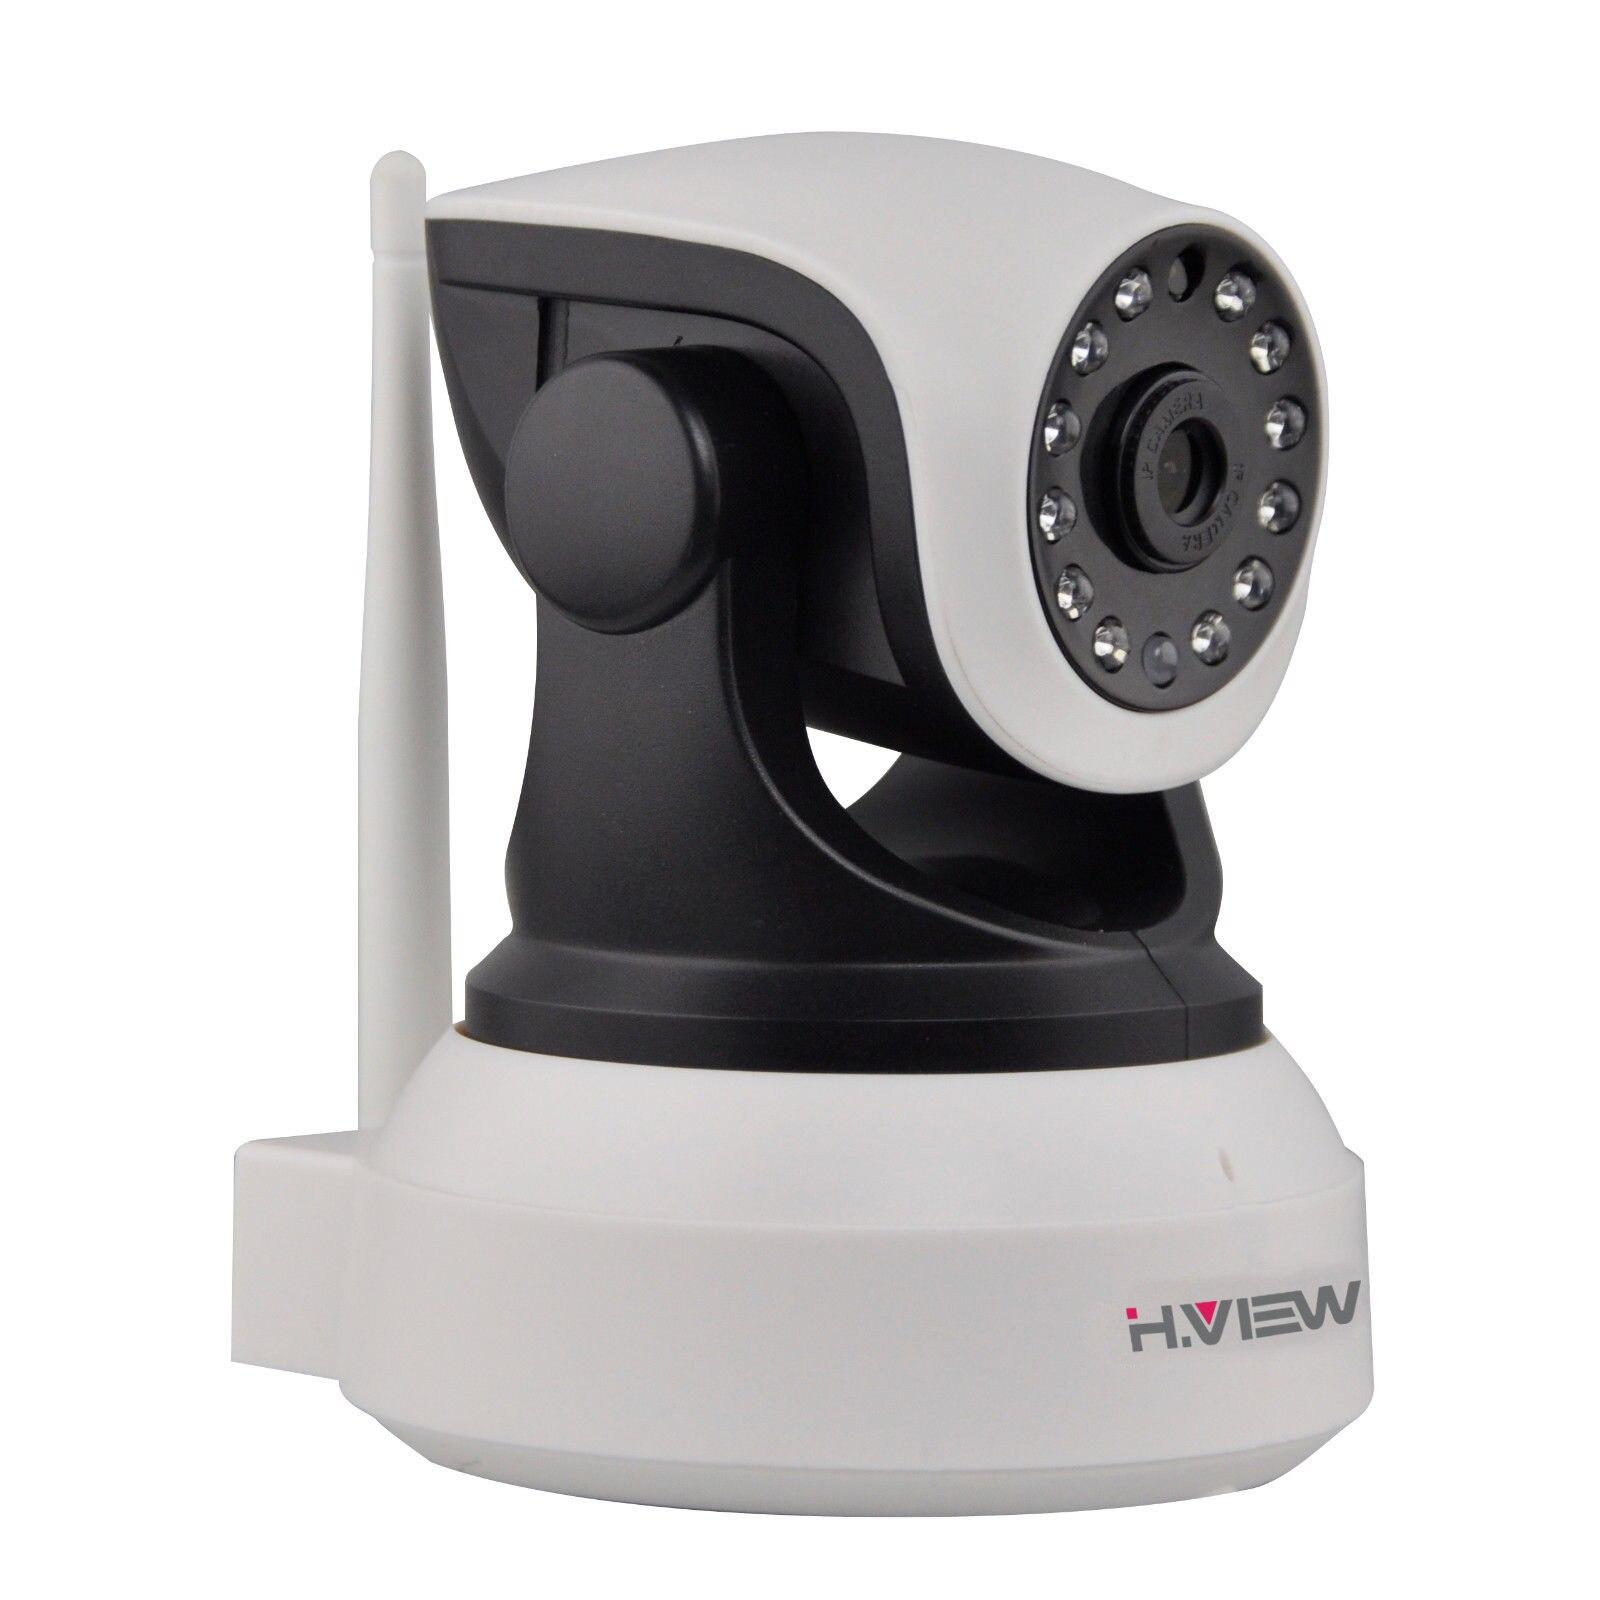 H. Voir WiFi Sans Fil 720 P IP Caméra WiFi IP Caméra Deux Façon Audio Baby Monitor Pan Tilt Caméra de Sécurité Facile QR CODE Scan connecter